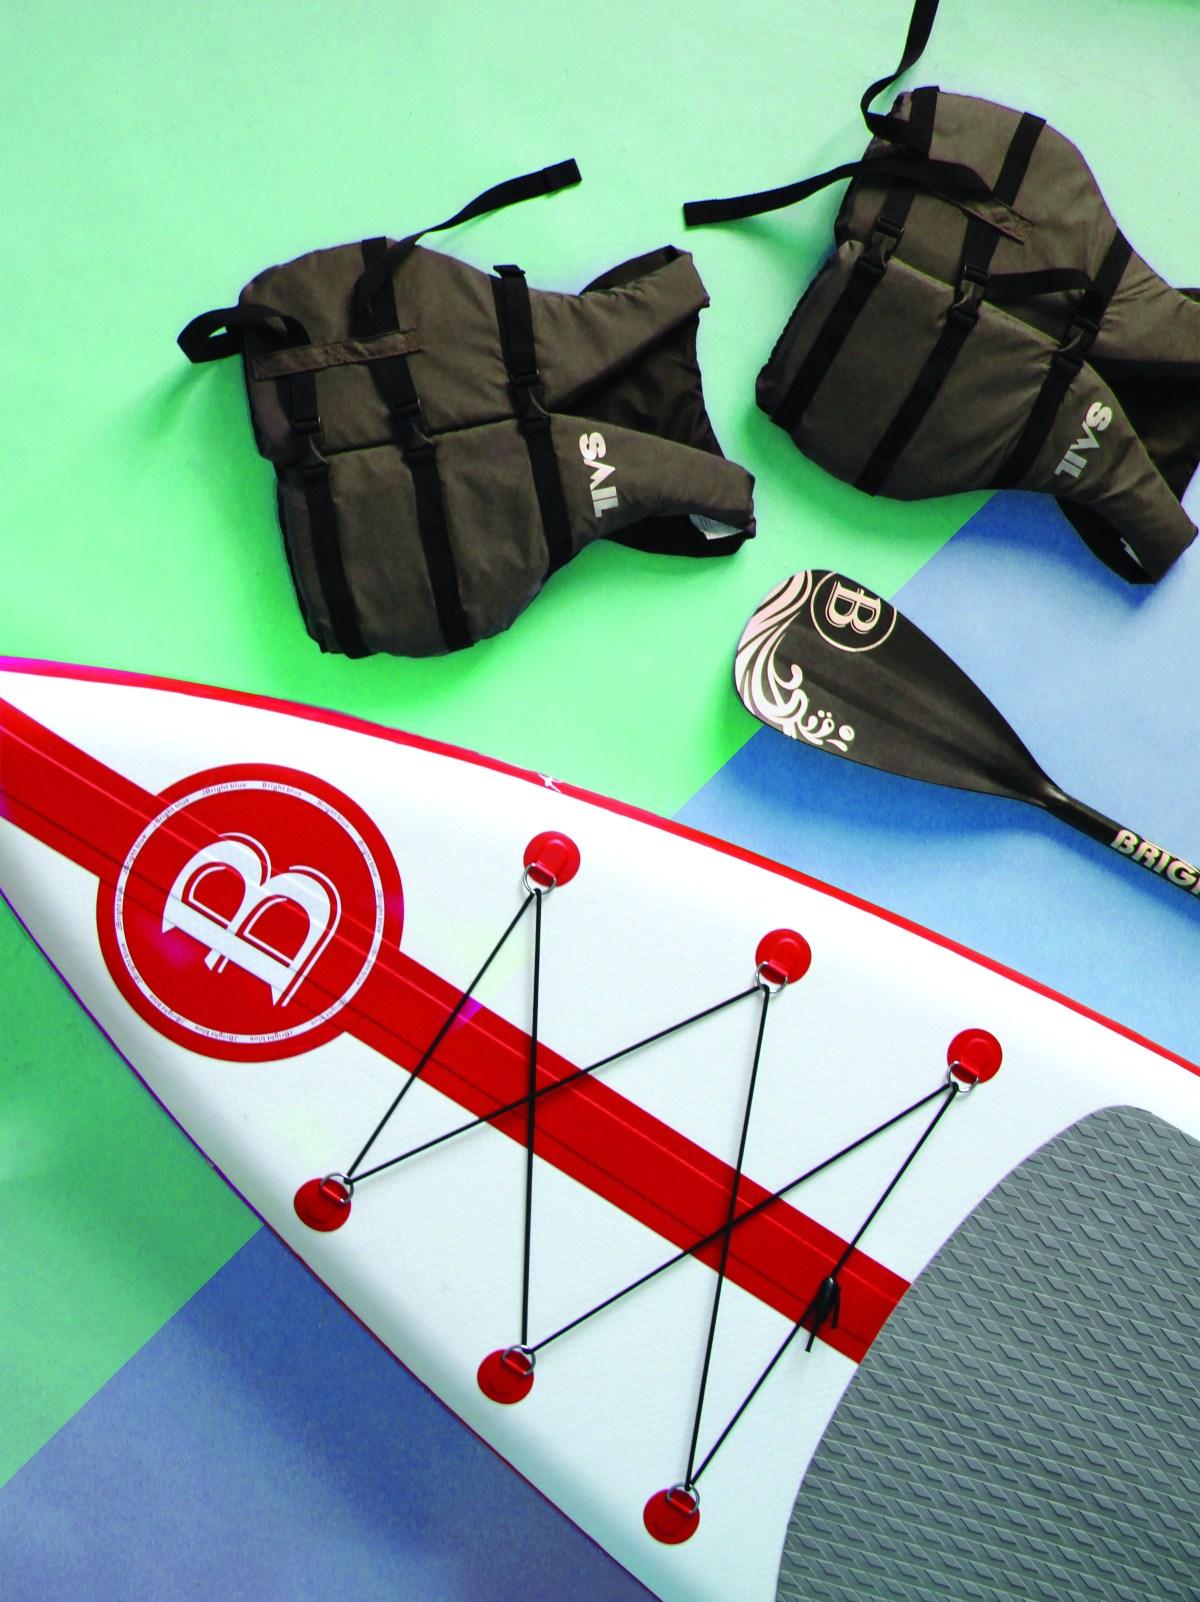 Funspree-Paddleboard-2